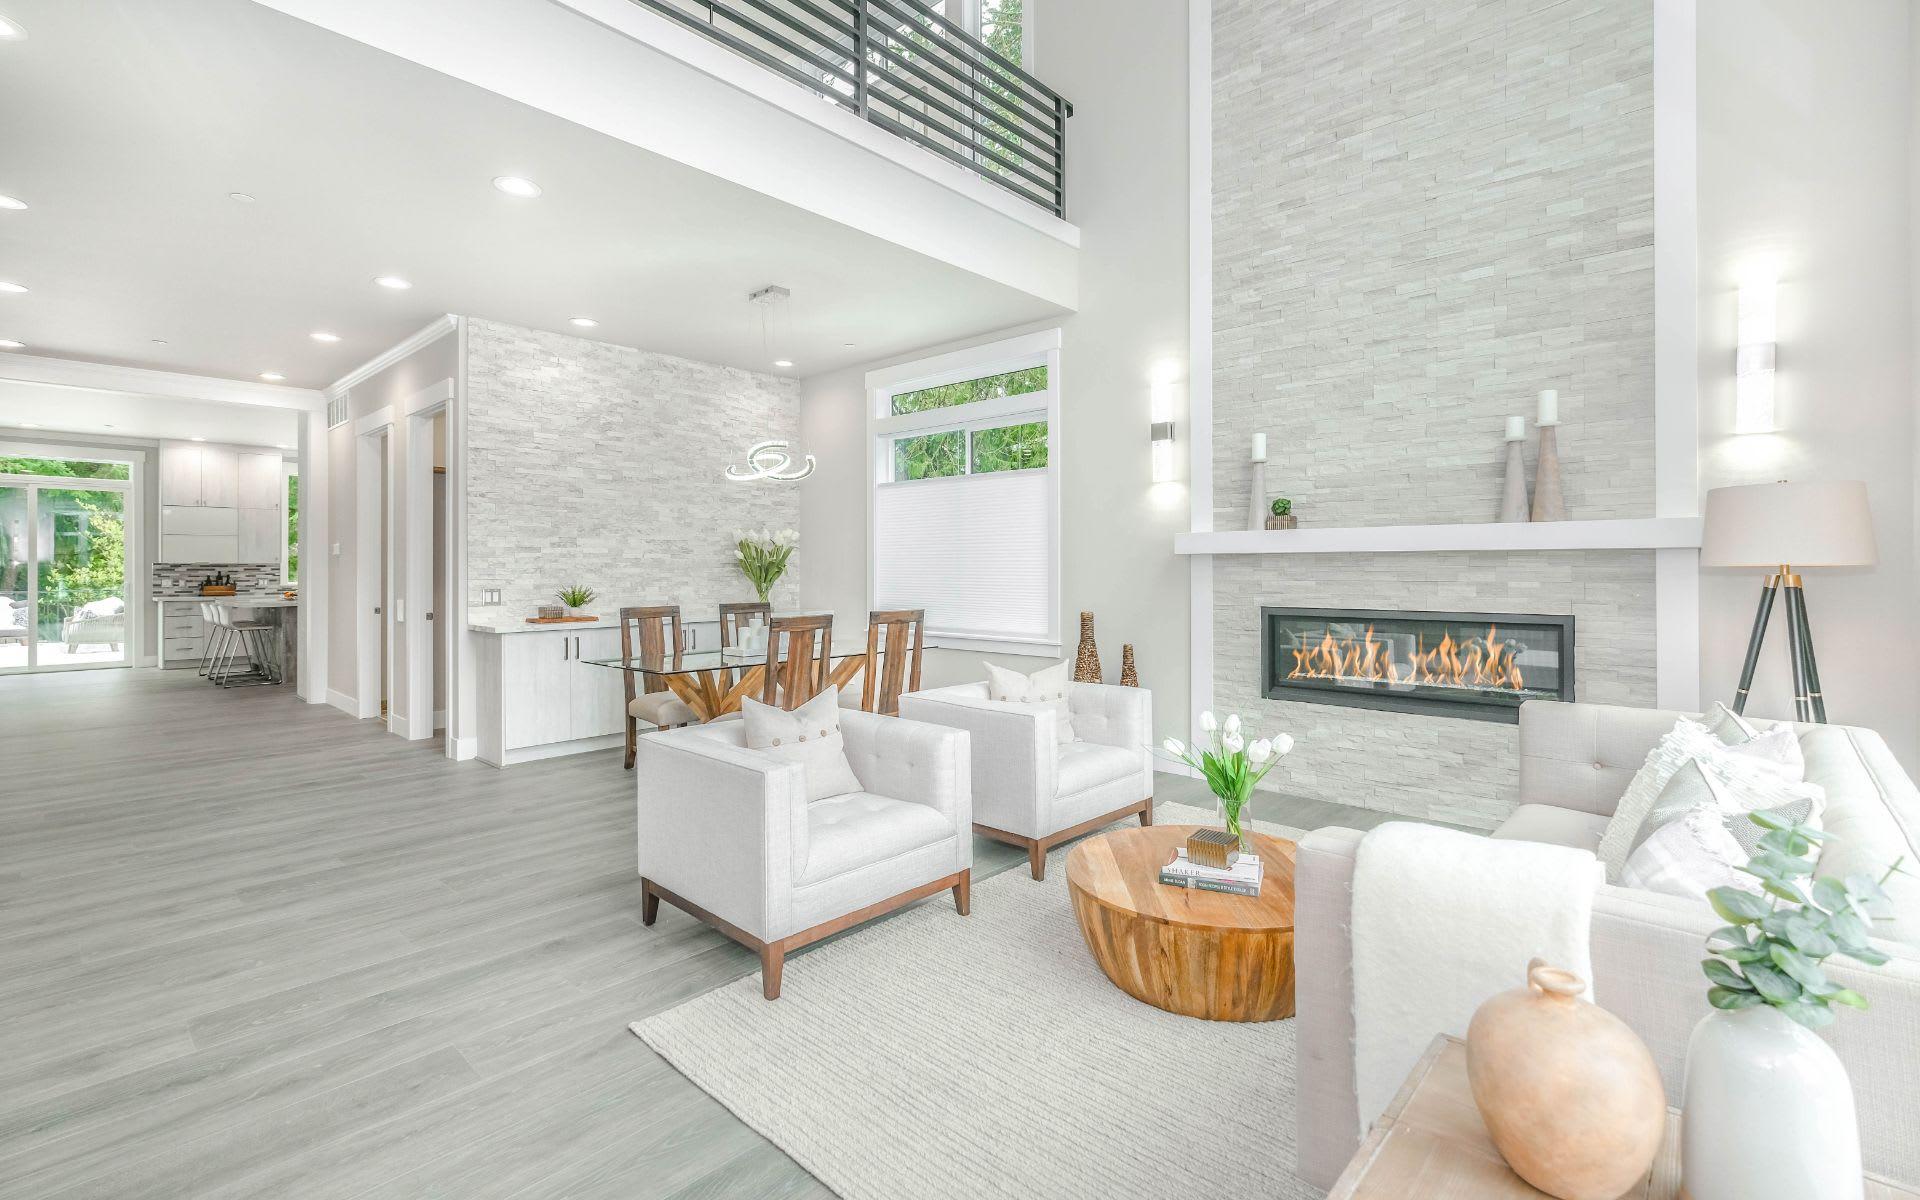 Ridgewood Real Estate Maket Highlights - 2018